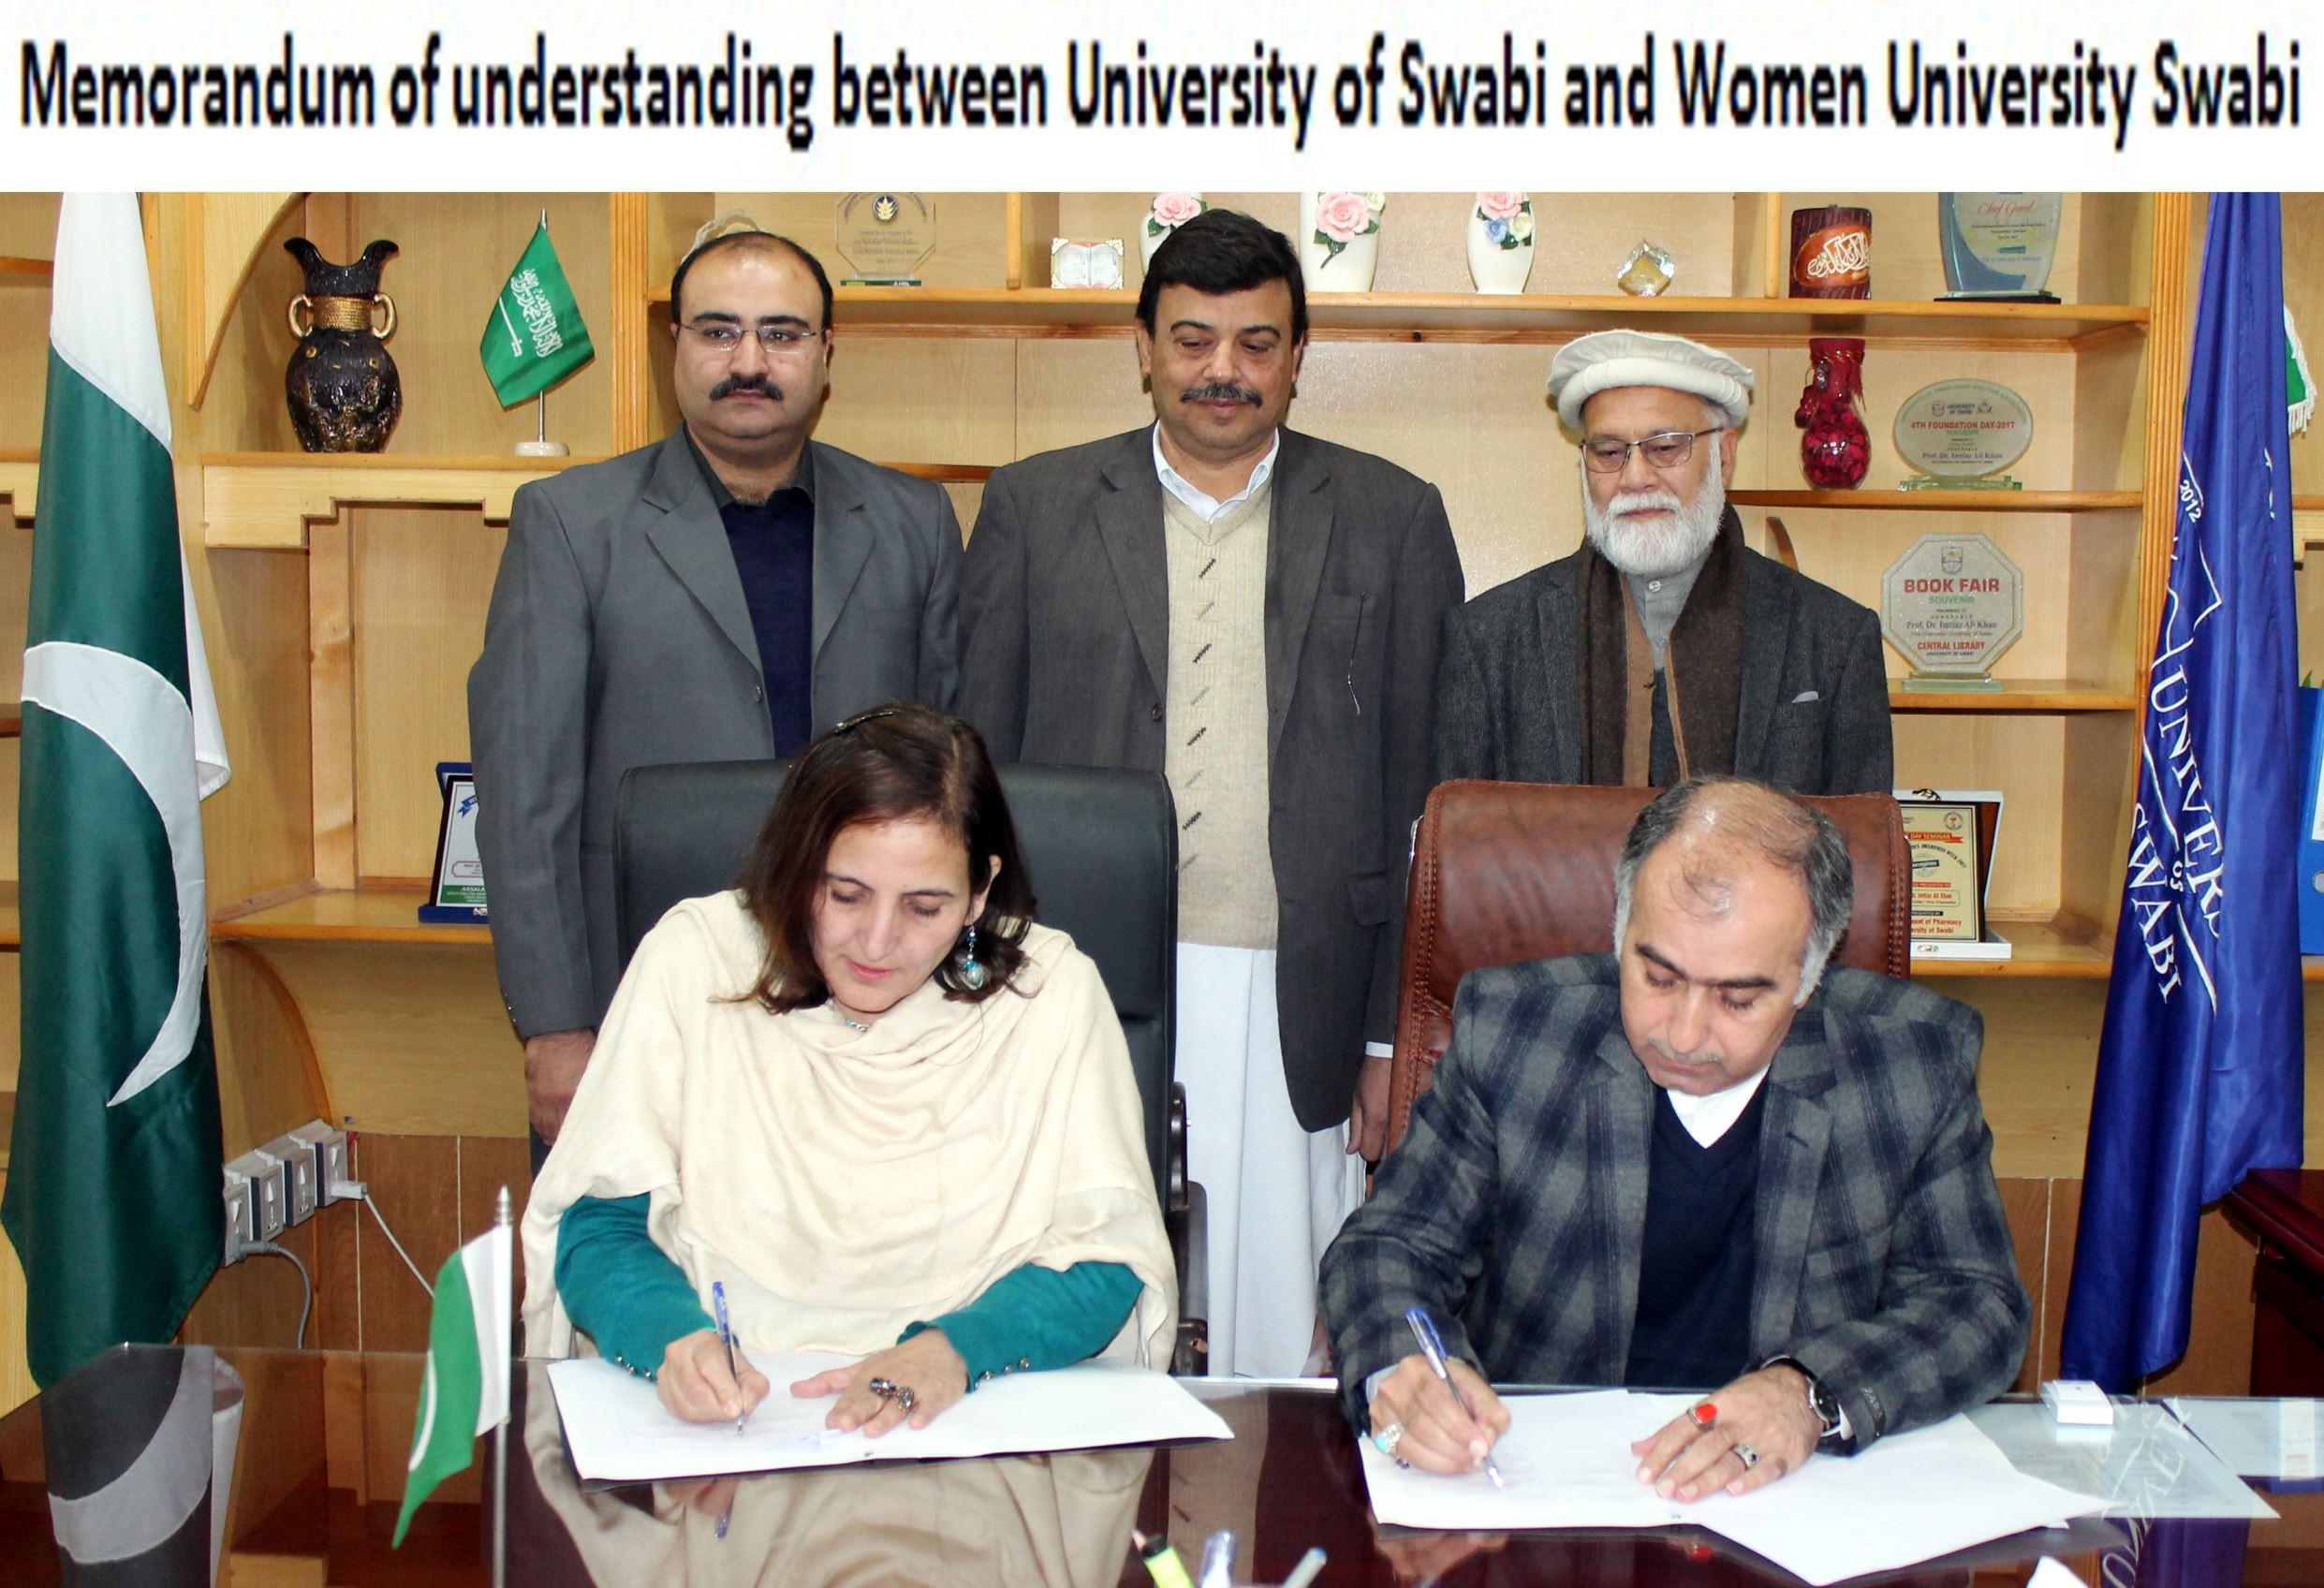 Memorandum of understanding between University of Swabi and Women University Swabi